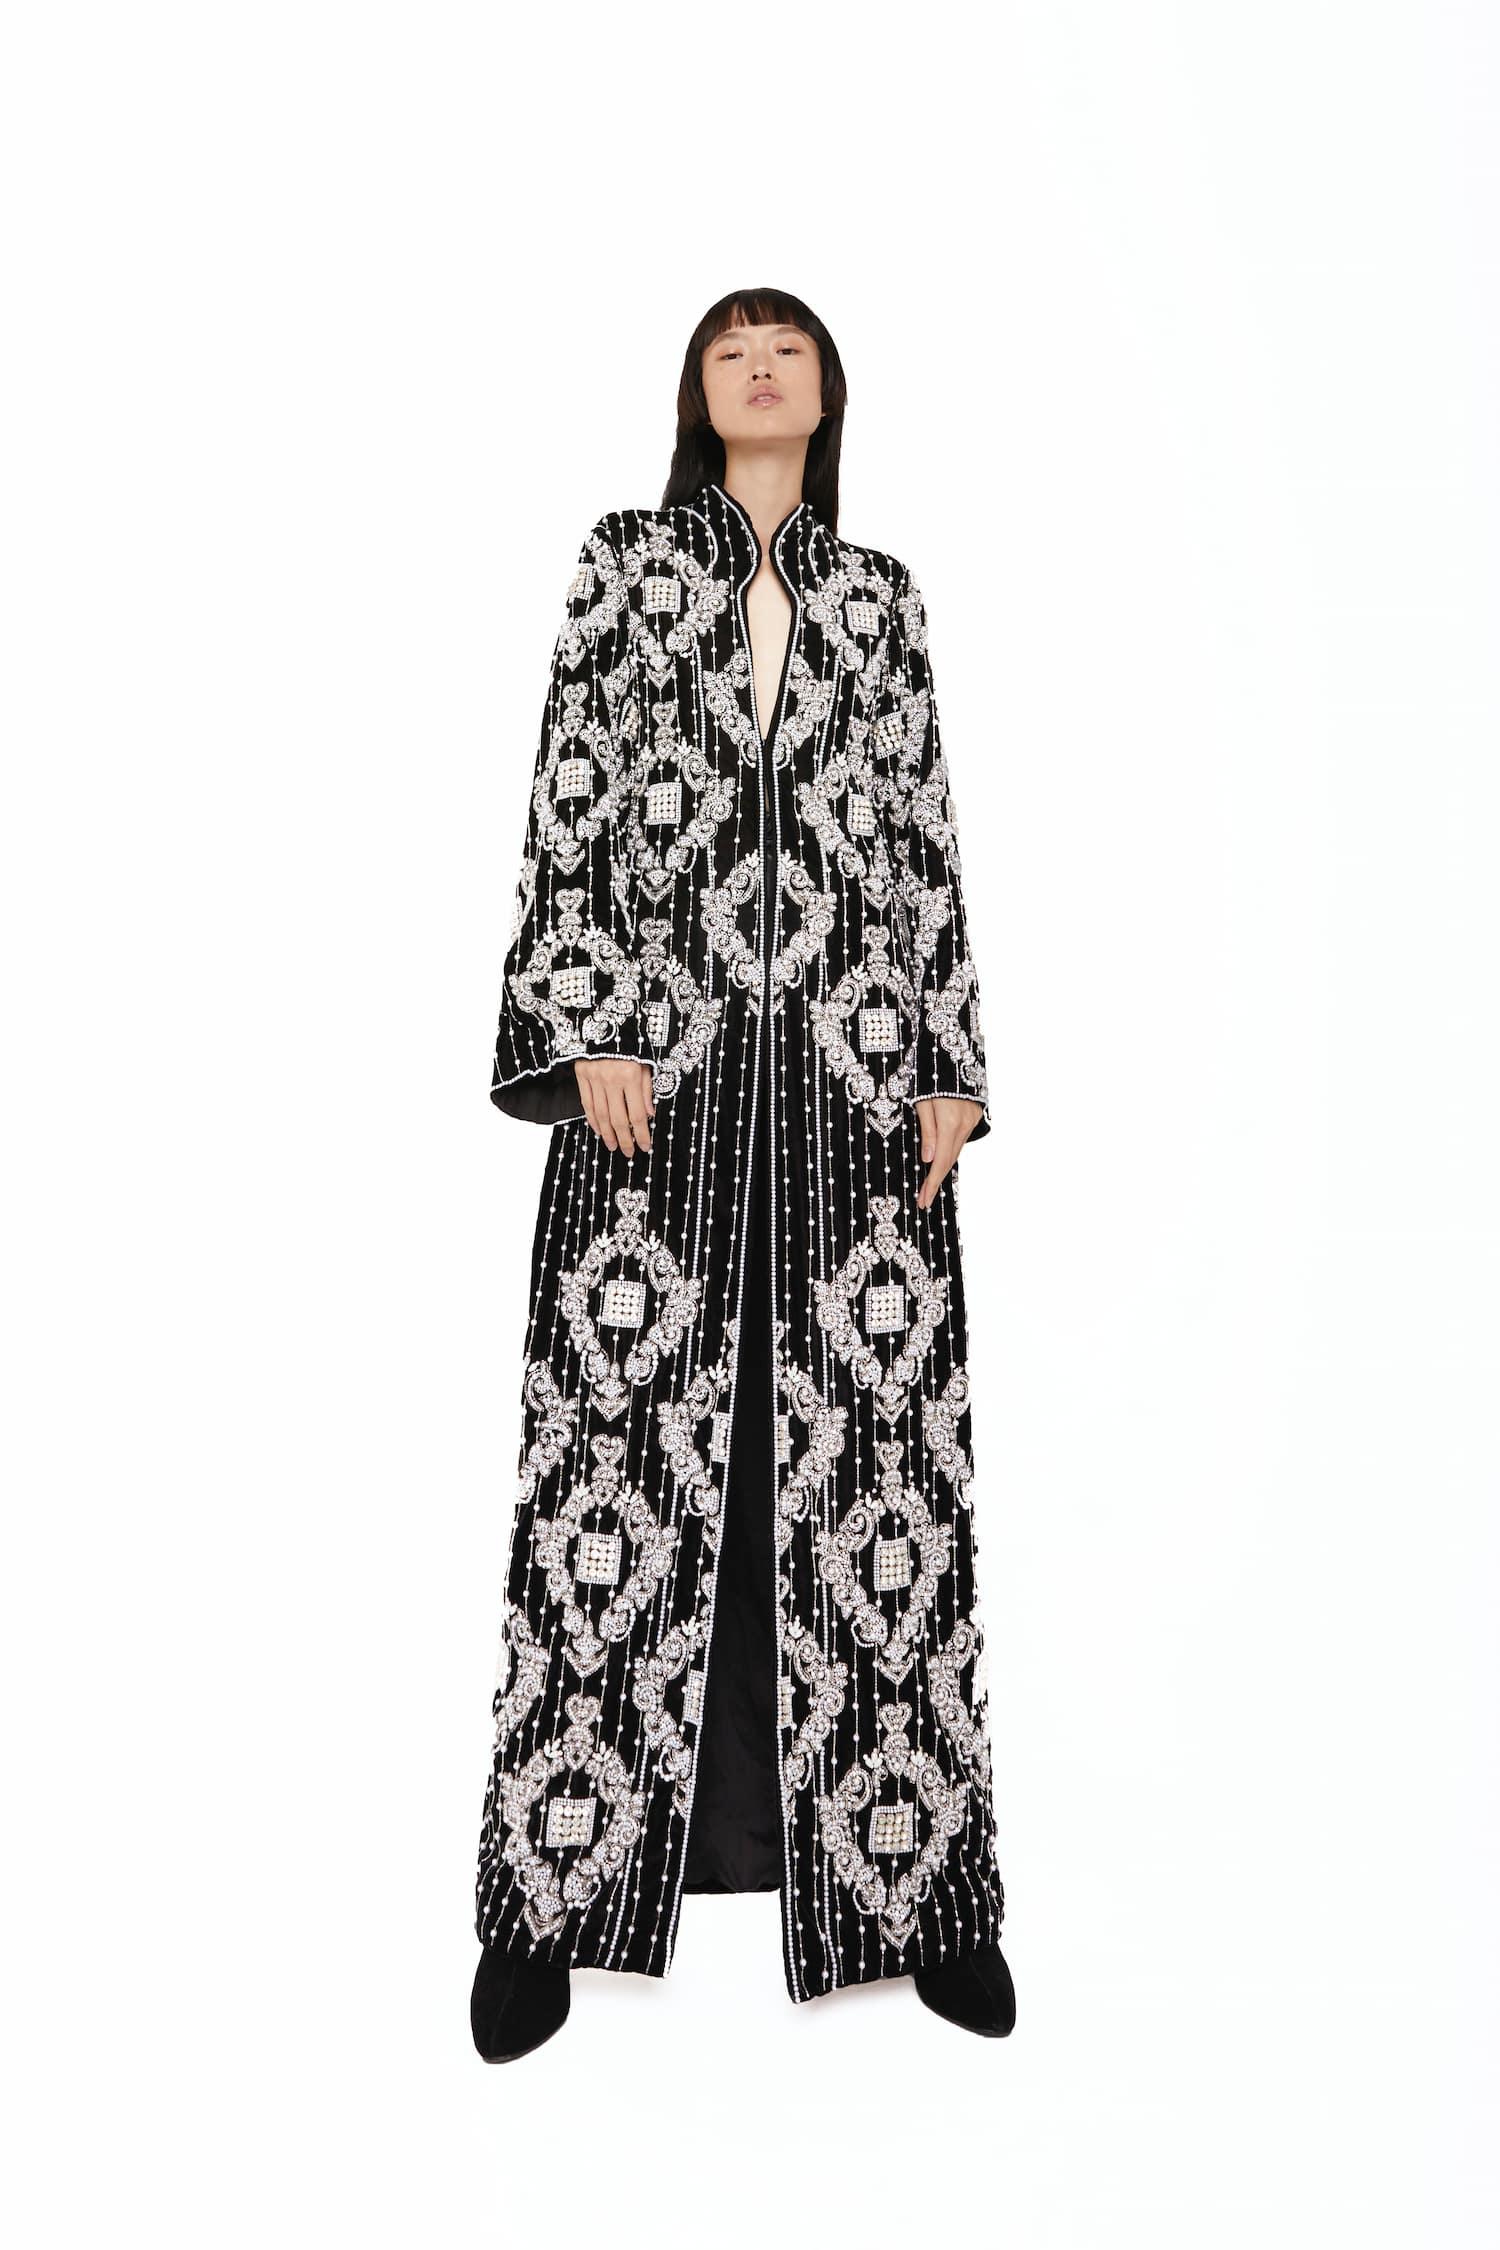 Khatt Kimono